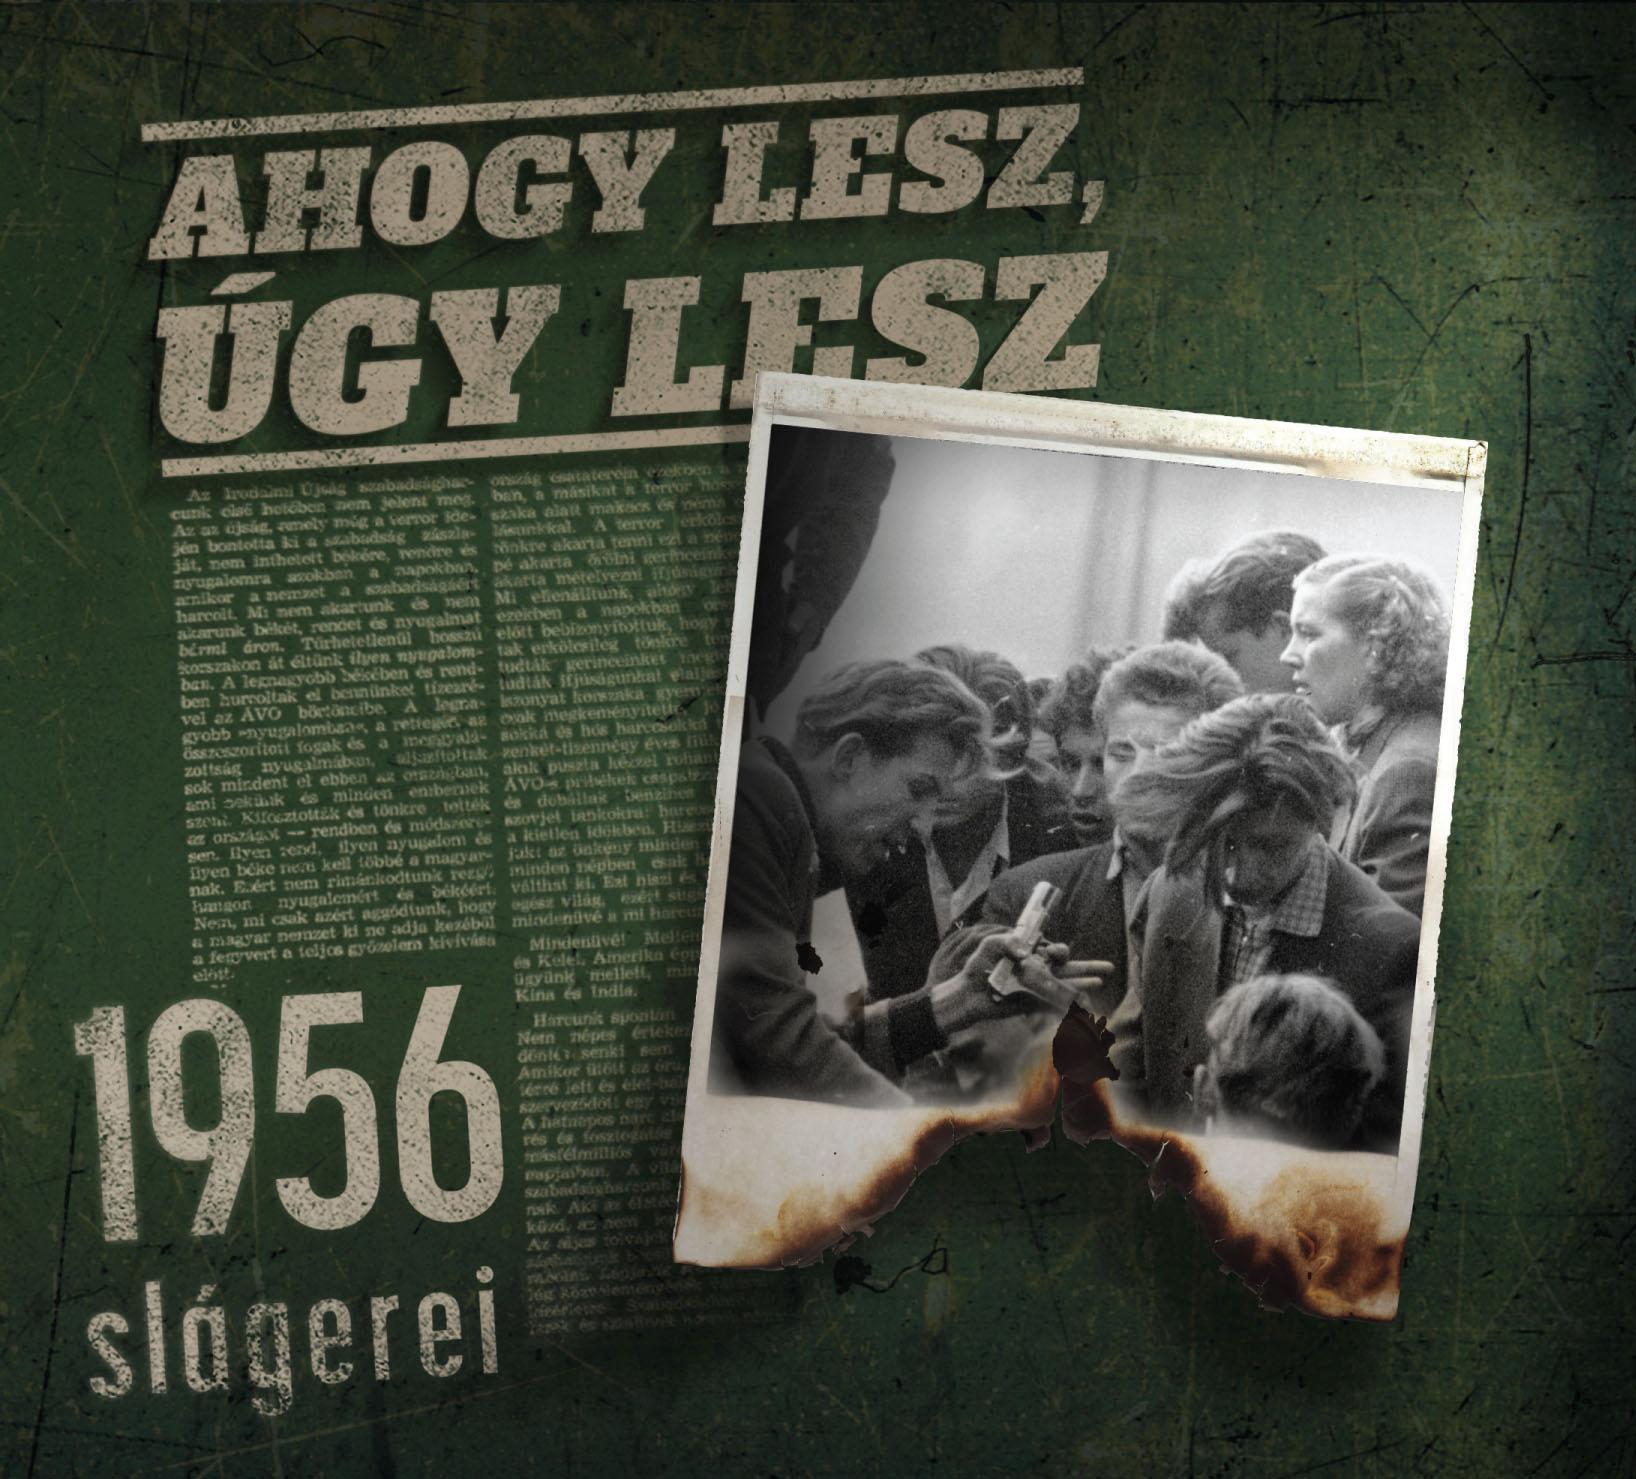 AHOGY LESZ, ÚGY LESZ - 1956 SLÁGEREI - CD - (ÚJ)